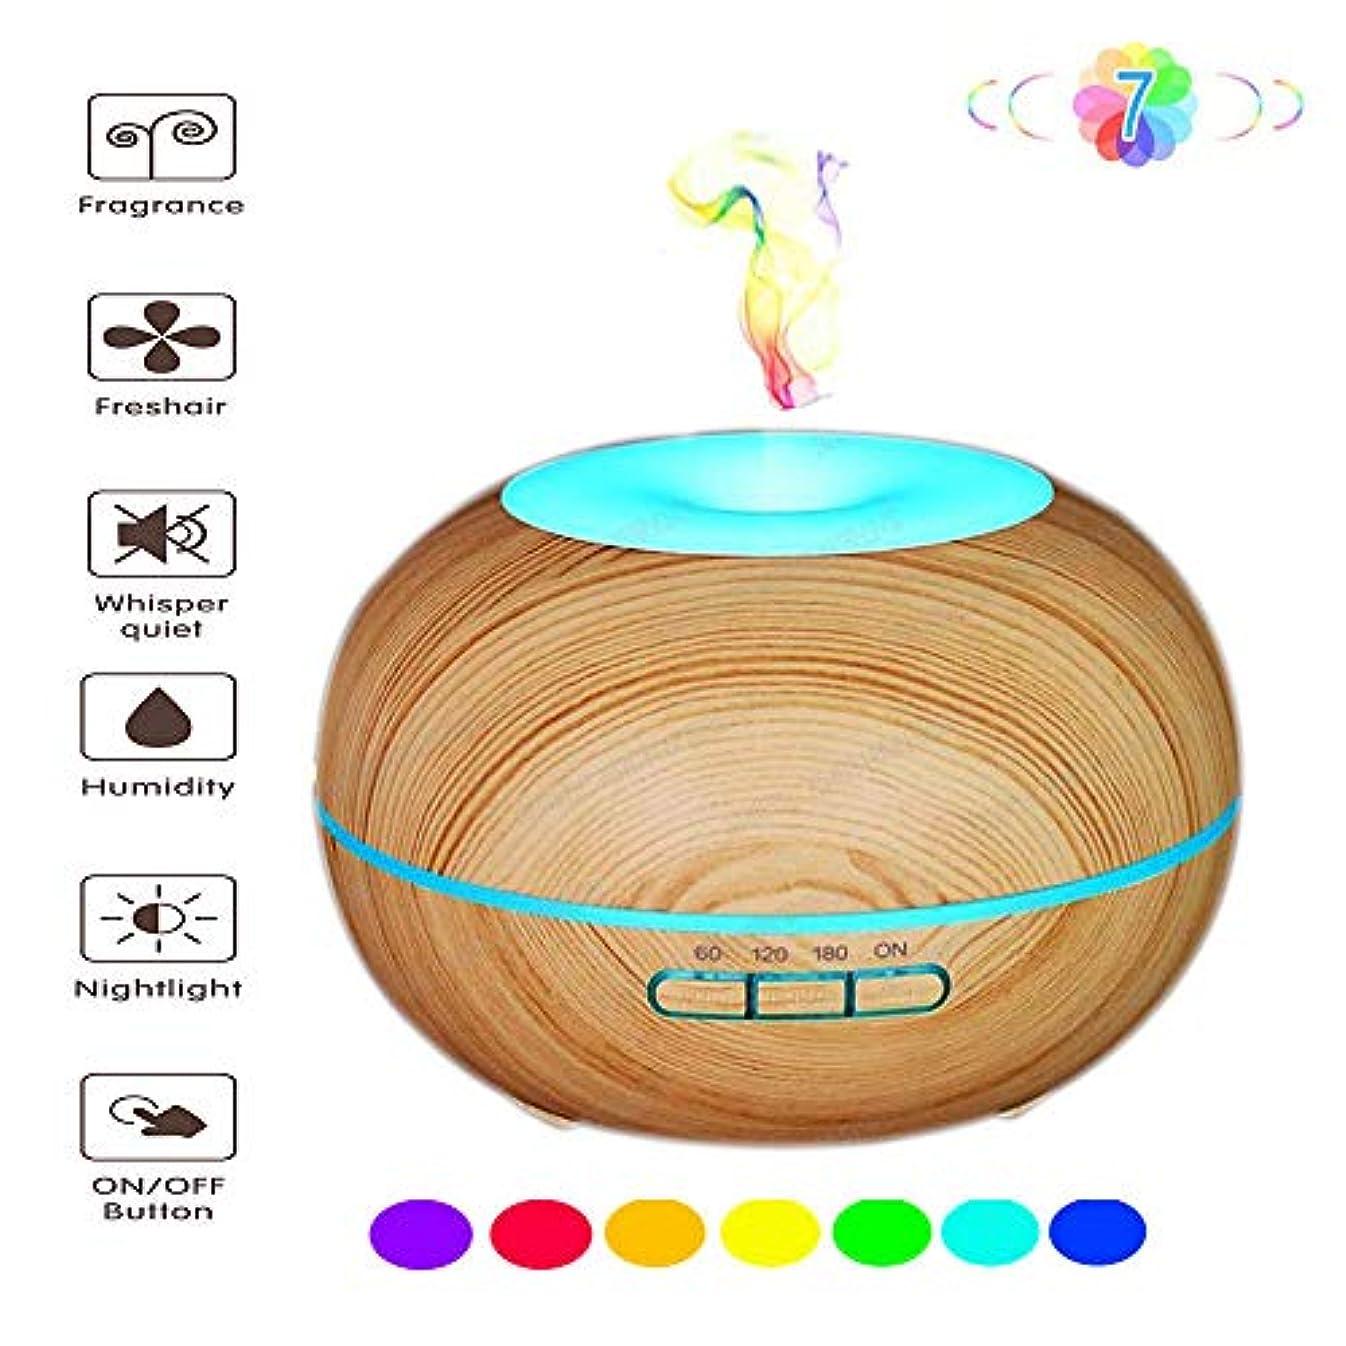 電話する磁気スプレーアロマテラピーエッセンシャルオイルディフューザー、300ml室内空気加湿器 - 魅力的な7色LEDナイトライト - ウォーターレスオートシャットダウン - タイムモード - ファミリーヨガオフィス